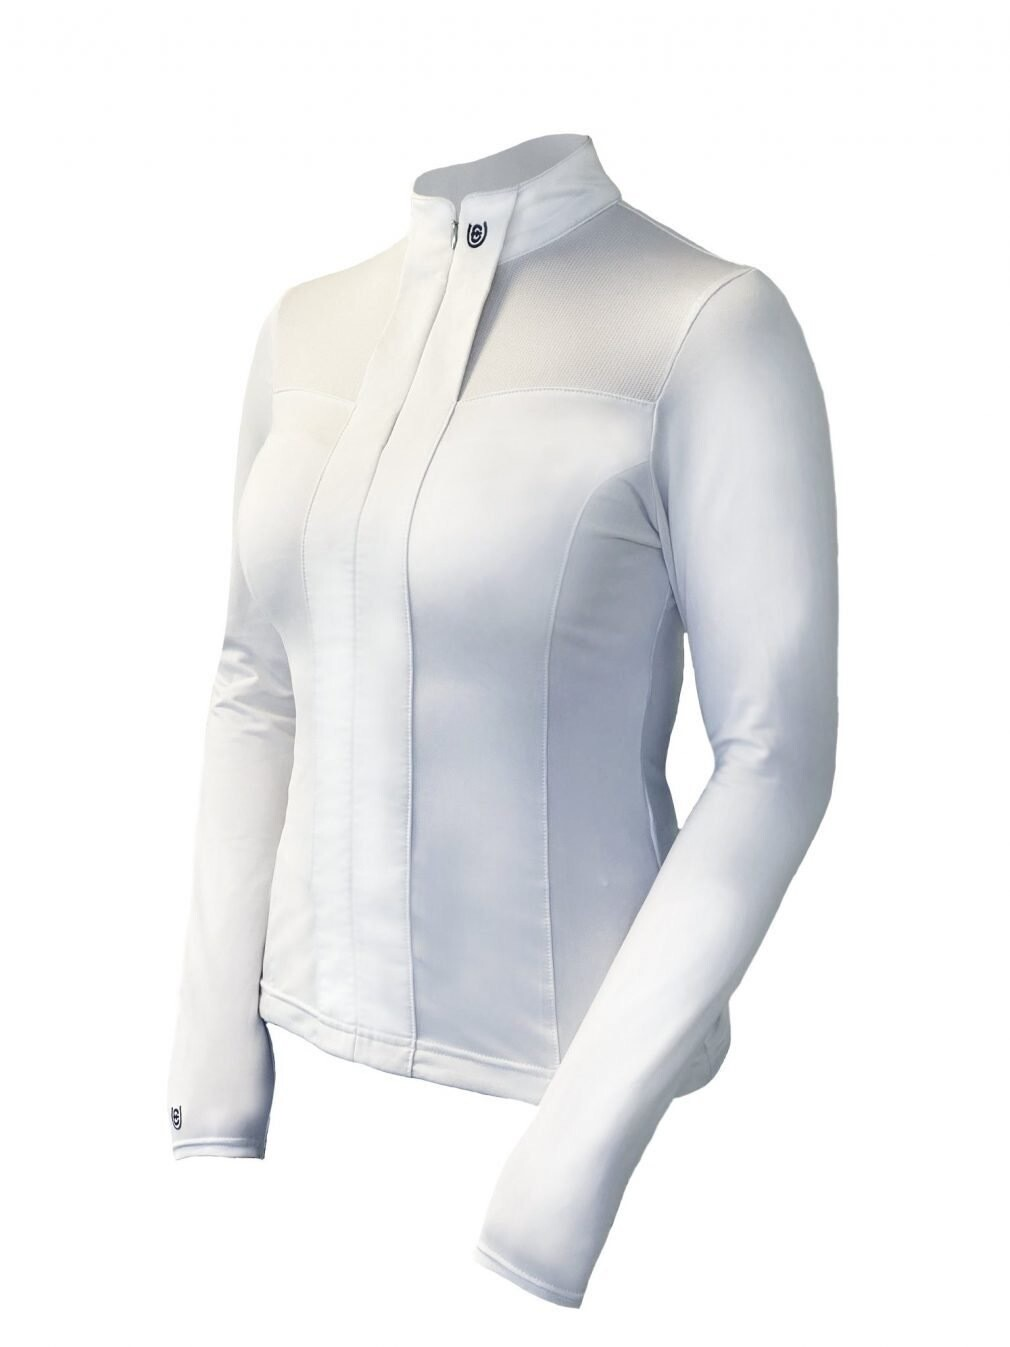 ES Competition Shirt Light Breeze